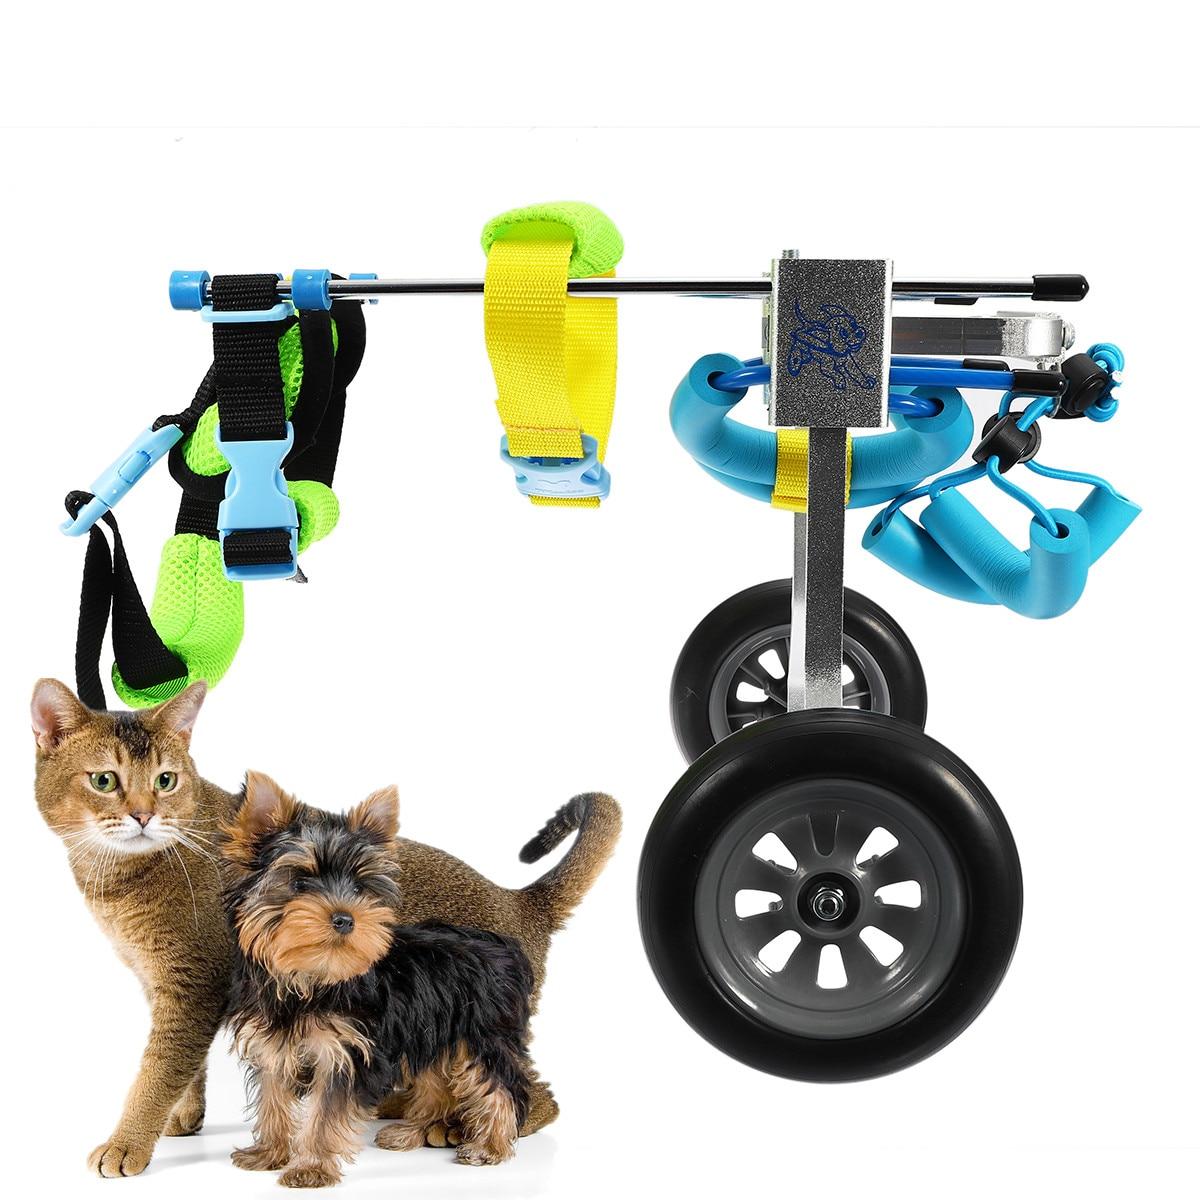 Fauteuil roulant pour animaux de compagnie pour chat handicapé chien toutou chiot marche Traction corde Kit accessoires lumière Portable ajusté démonté